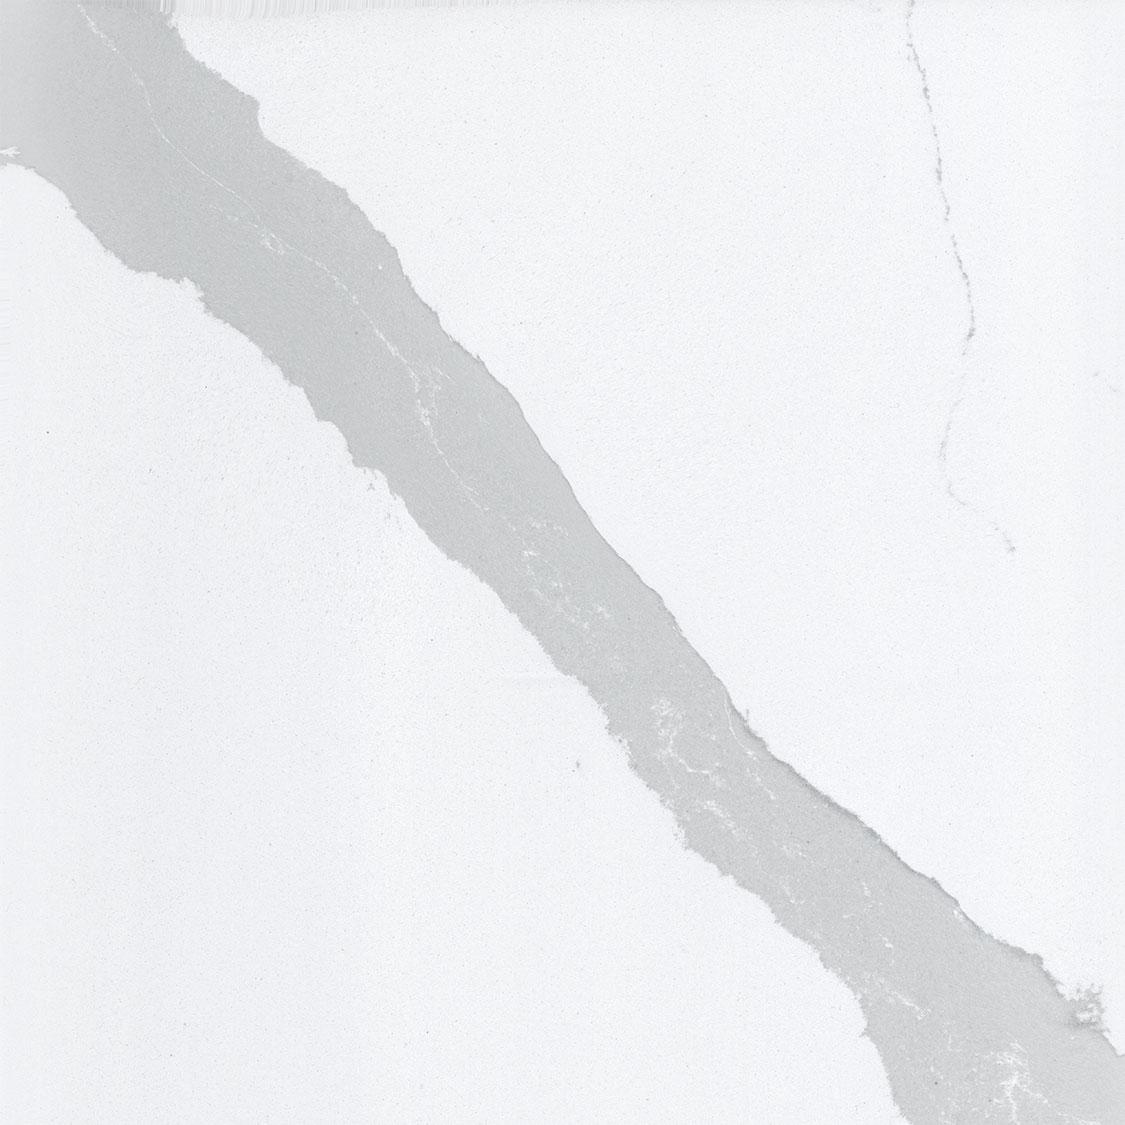 サイルストーン SILESTONE Bianco Calacatta ビアンコカラカッタ